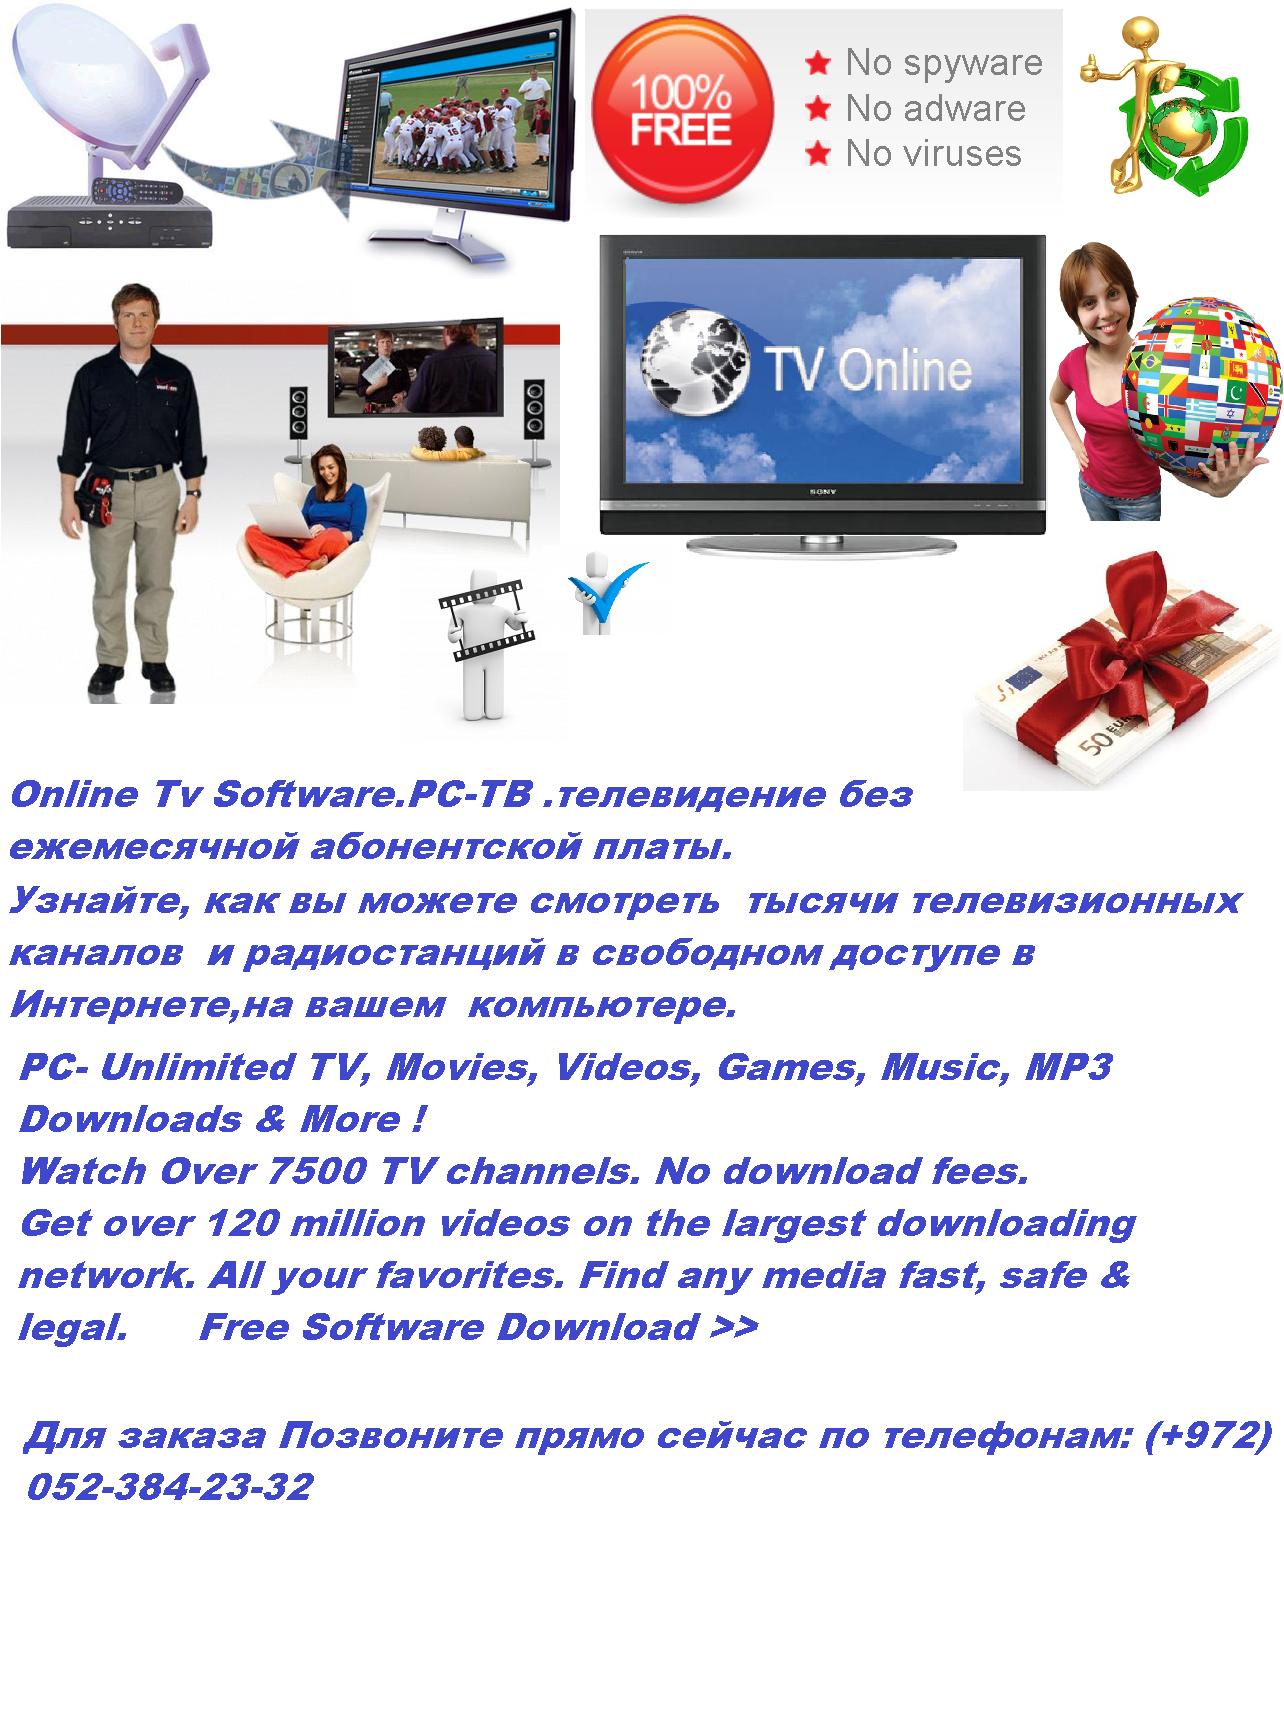 Смотреть порно фильмы онлайн бесплатно на русском языке